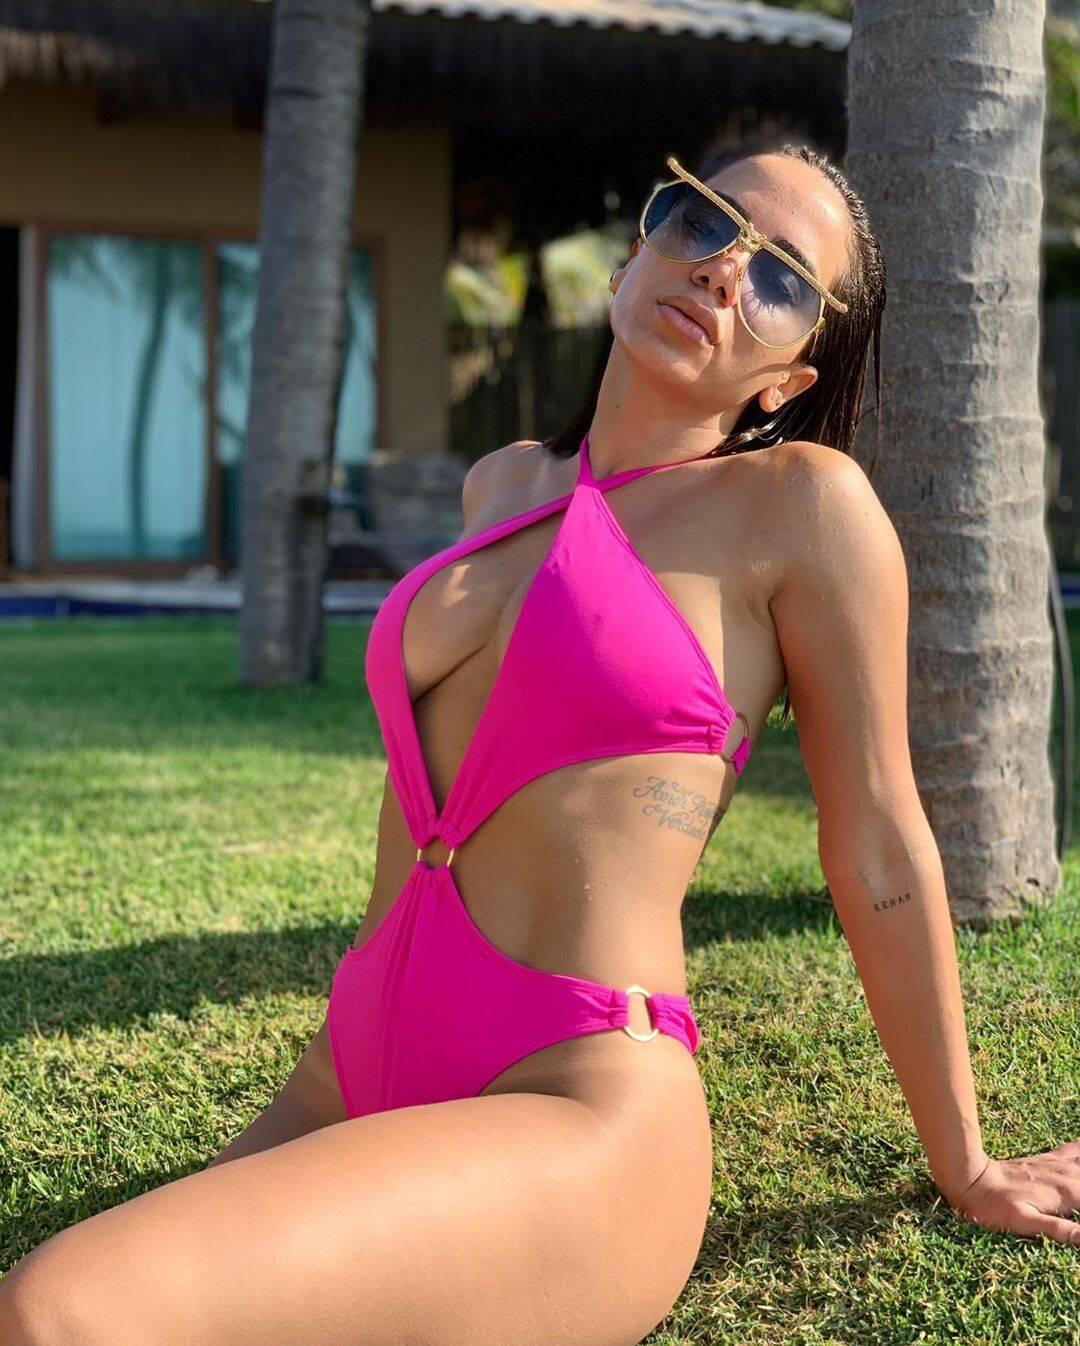 O maiô neon foi a escolha de Anitta para curtir o verão. Foto: Reprodução/Instagram